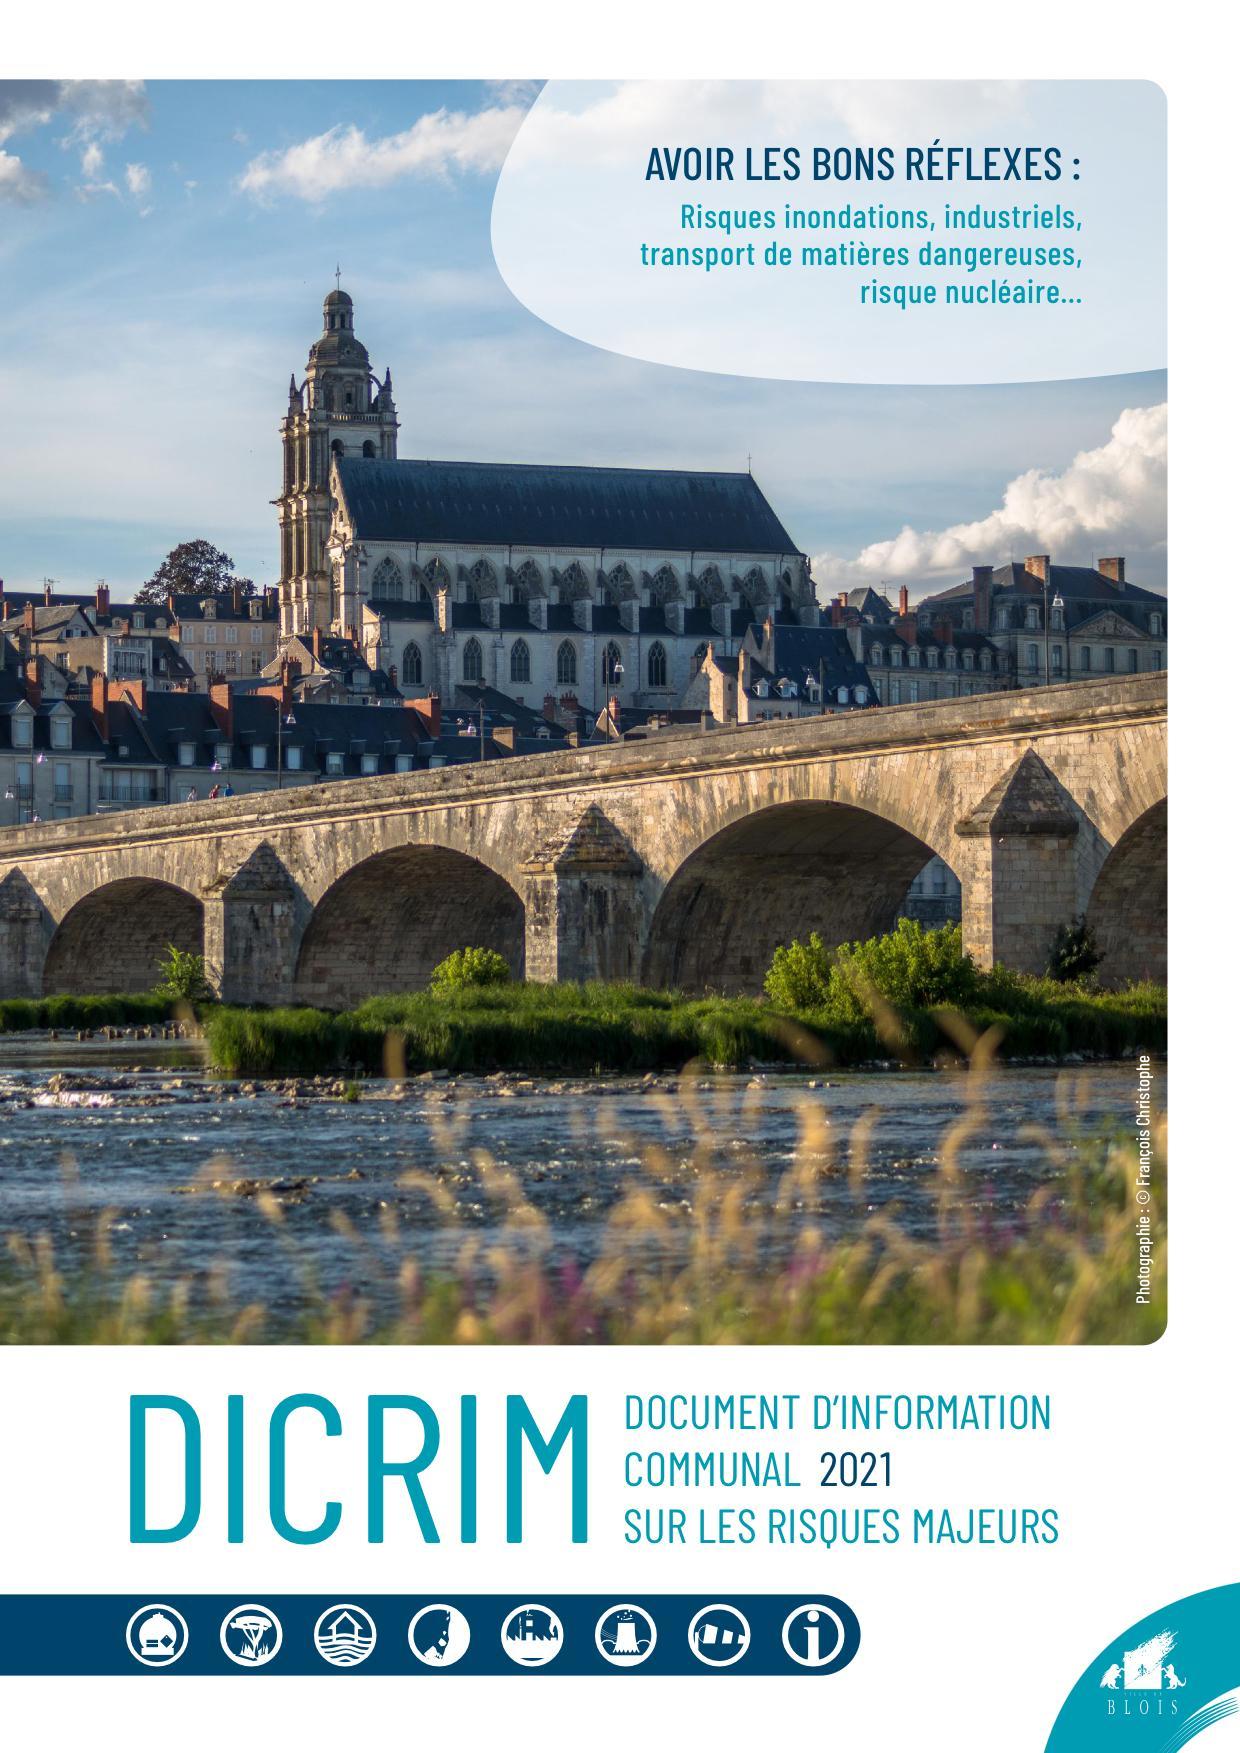 Couverture du Dicrim, figurant une photo du pont Jacques-Gabriel et de la cathédrale depuis la rive gauche.